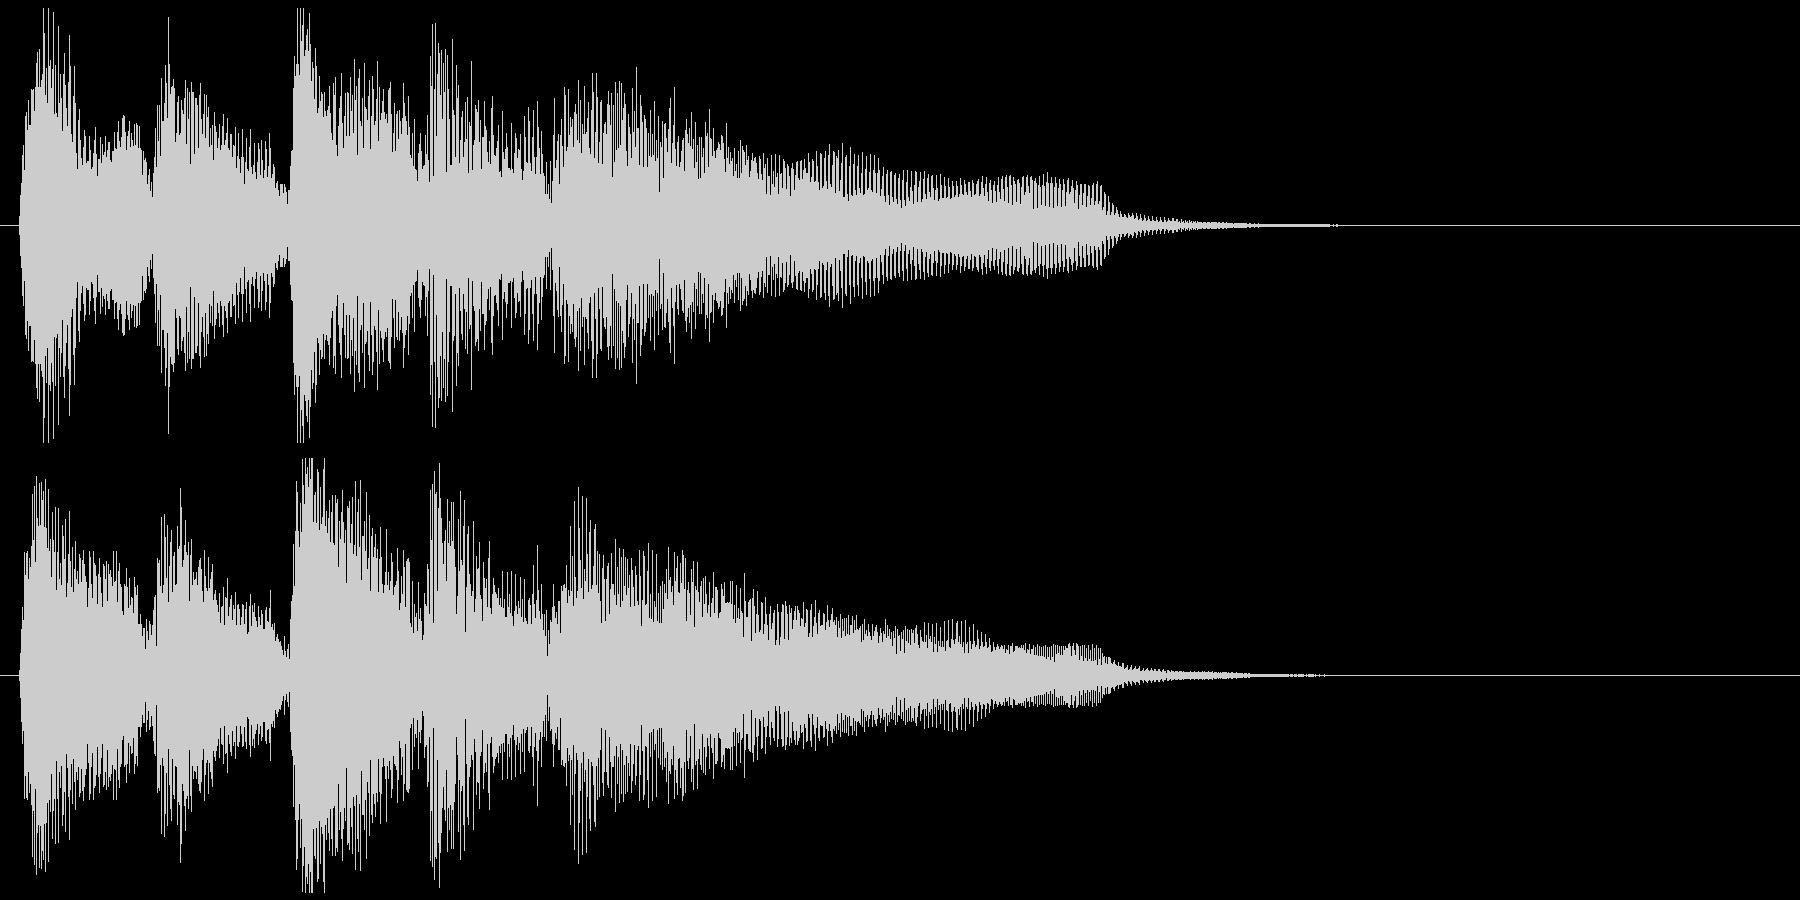 ニュース番組系のジャズSAXサウンドロゴの未再生の波形